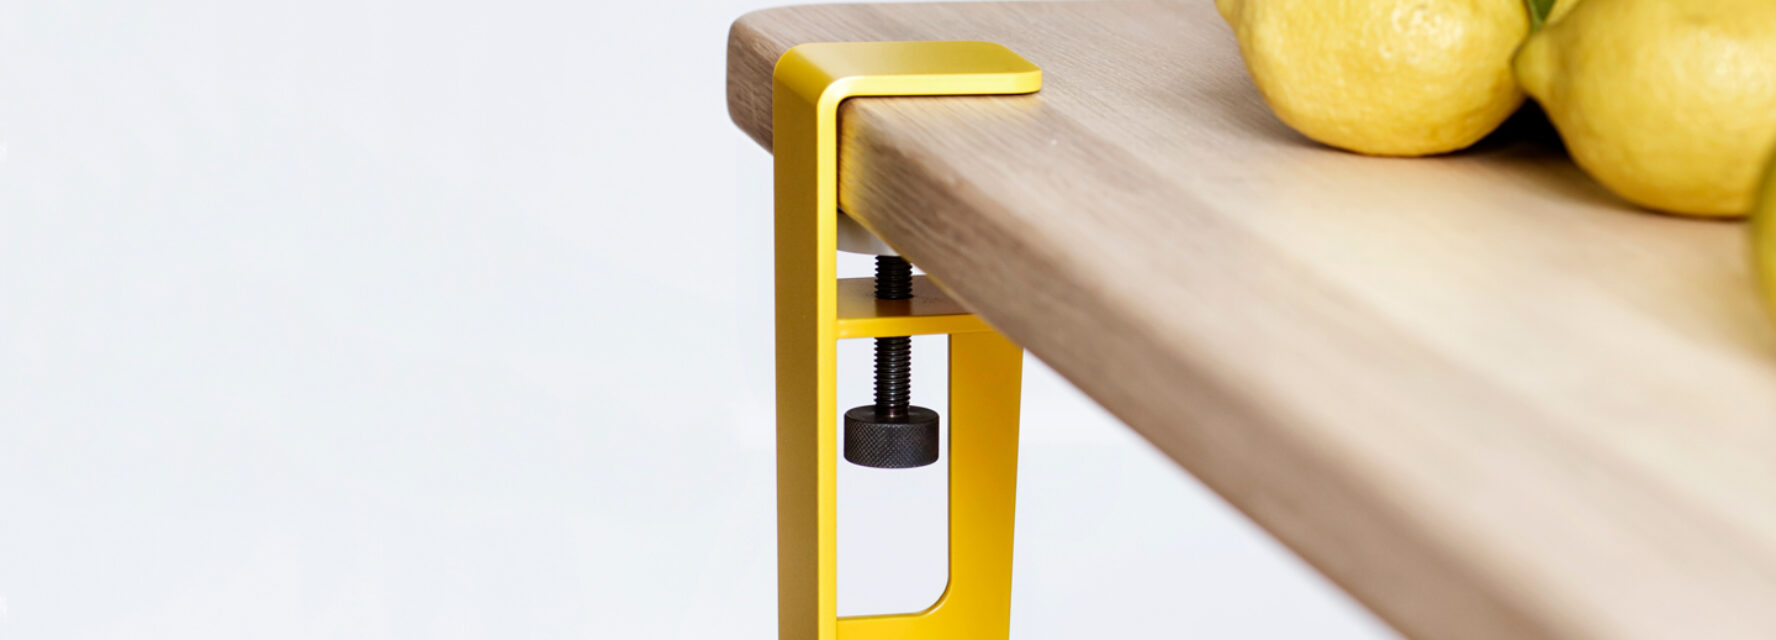 Dining table legs - TIPTOE